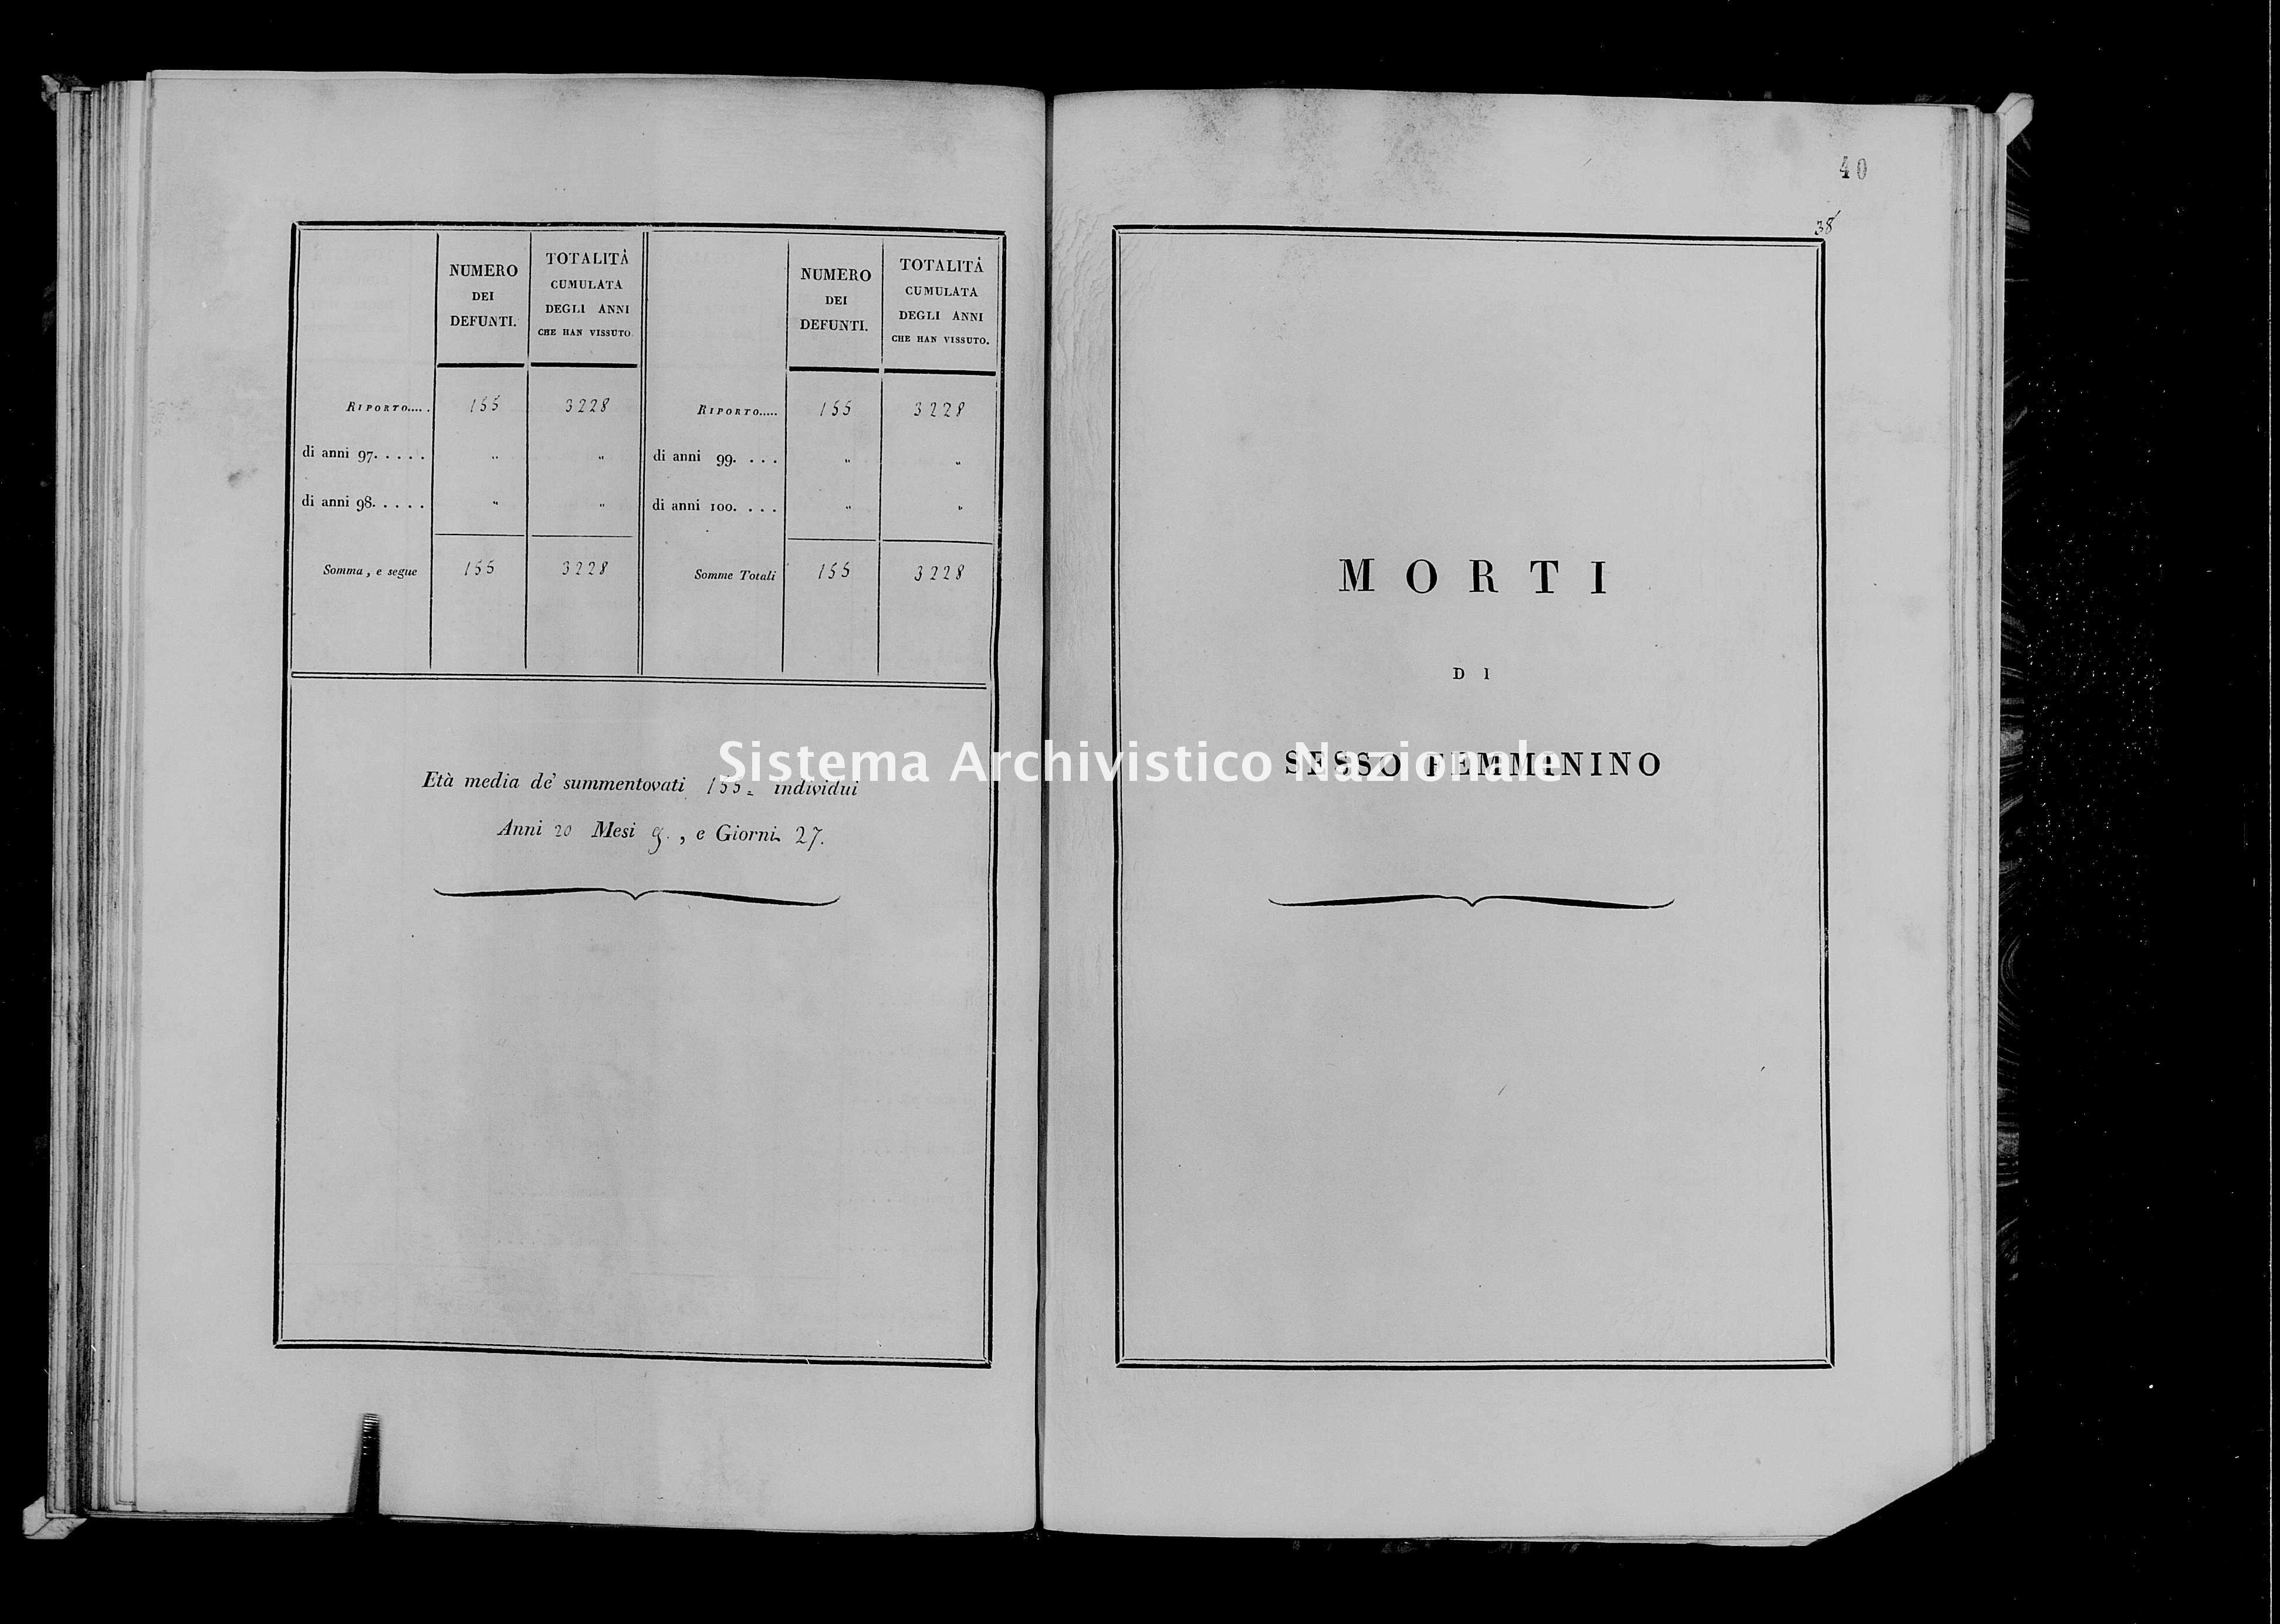 Archivio di stato di Firenze - Stato civile di Toscana (1808-1865) - Monterotondo - Morti, indice - 1808-1814 - 149, Femmine -